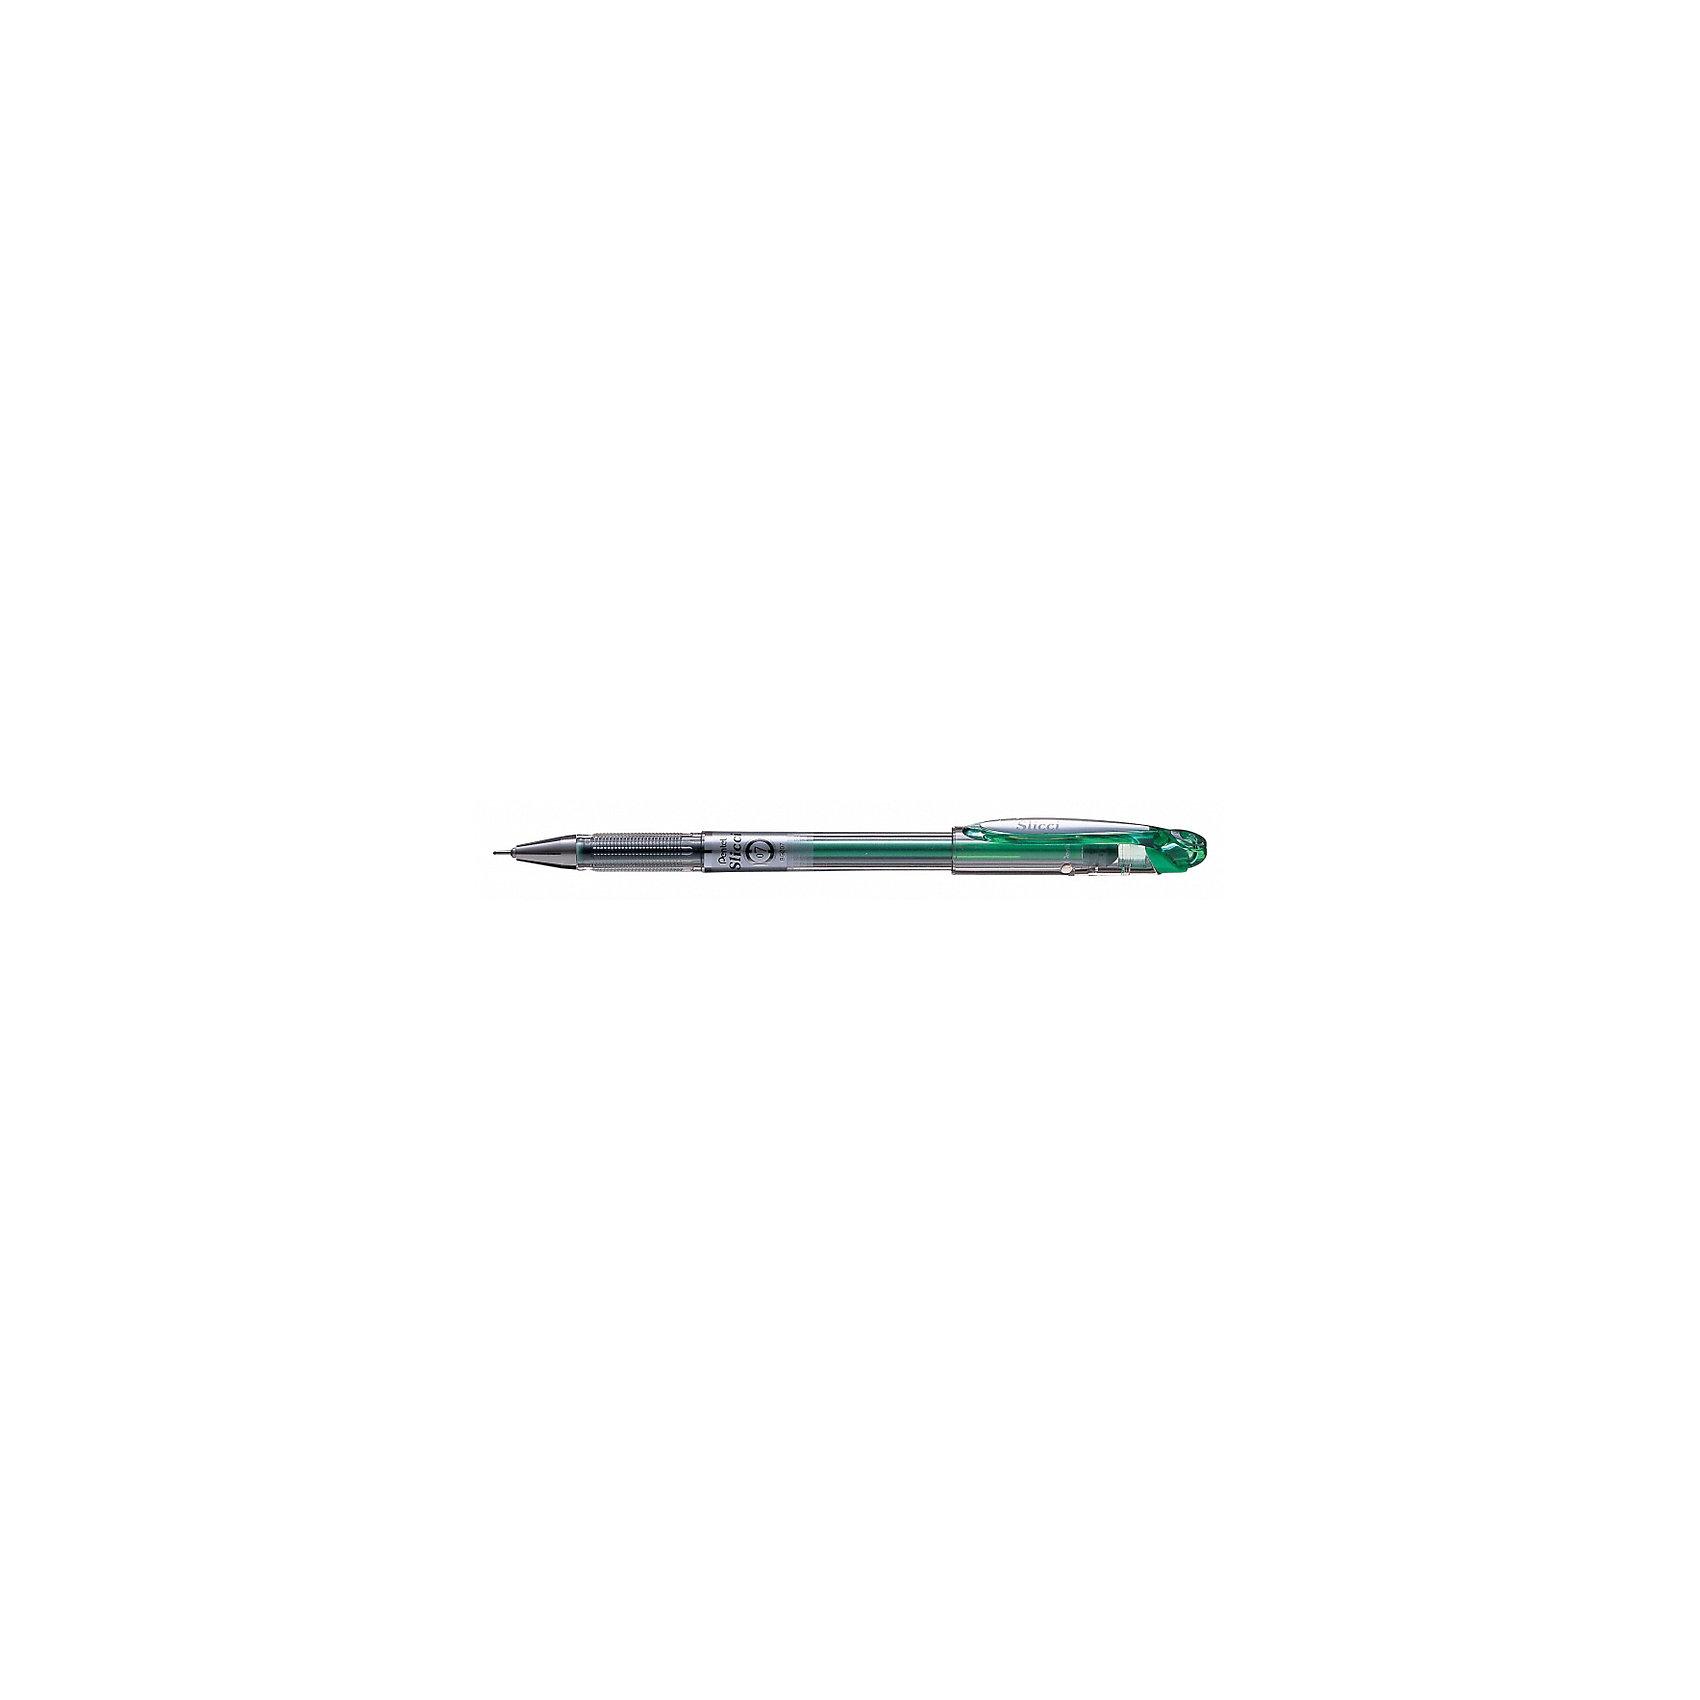 Ручка гелевая SLICCI, зеленая, игловидный пишущий узел PentelПисьменные принадлежности<br>Характеристики:<br><br>• возраст: от 6 лет<br>• толщина линии: 0,25 мм.<br>• диаметр шарика: 0,7 мм.<br>• длина ручки: 15 см.<br>• цвет чернил: зеленый<br>• материал корпуса: пластик<br><br>Гелевая ручка «Slicci» идеальна для офиса, школы и института, улучшает эстетику заметок, помогает выделить основные материалы. Эта ручка также подходит для декорирования и украшения открыток, приглашений и писем.<br><br>Ручка «Slicci» имеет игловидный пишущий узел с диаметром шарика 0,7 мм, при этом на бумаге остается тончайшая линия шириной всего 0,25 мм. Чернила не блекнут, не выцветают, не растекаются и быстро сохнут.<br><br>Простой и прозрачный корпус придает ручке «Slicci» элегантность, а металлическая зона захвата делает ее еще и очень удобной в применении.<br><br>Гелевая ручка «Slicci» экологически безопасна, изготовлена на 87% из переработанных материалов.<br><br>Ручку гелевую SLICCI, зеленую, игловидный пишущий узел Pentel (Пентел) можно купить в нашем интернет-магазине.<br><br>Ширина мм: 9999<br>Глубина мм: 9999<br>Высота мм: 150<br>Вес г: 6<br>Возраст от месяцев: 72<br>Возраст до месяцев: 2147483647<br>Пол: Унисекс<br>Возраст: Детский<br>SKU: 7010430